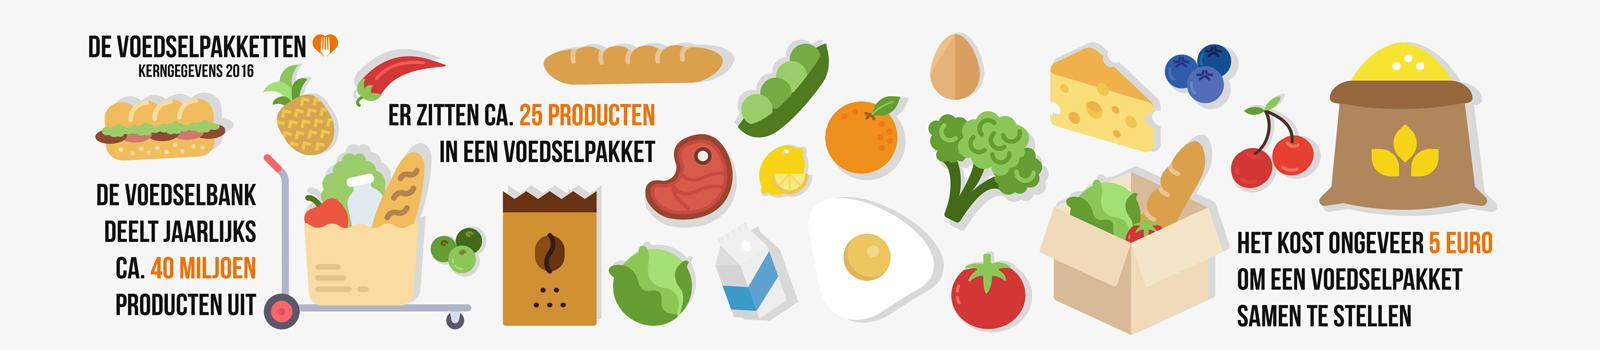 Voedselpakket slider